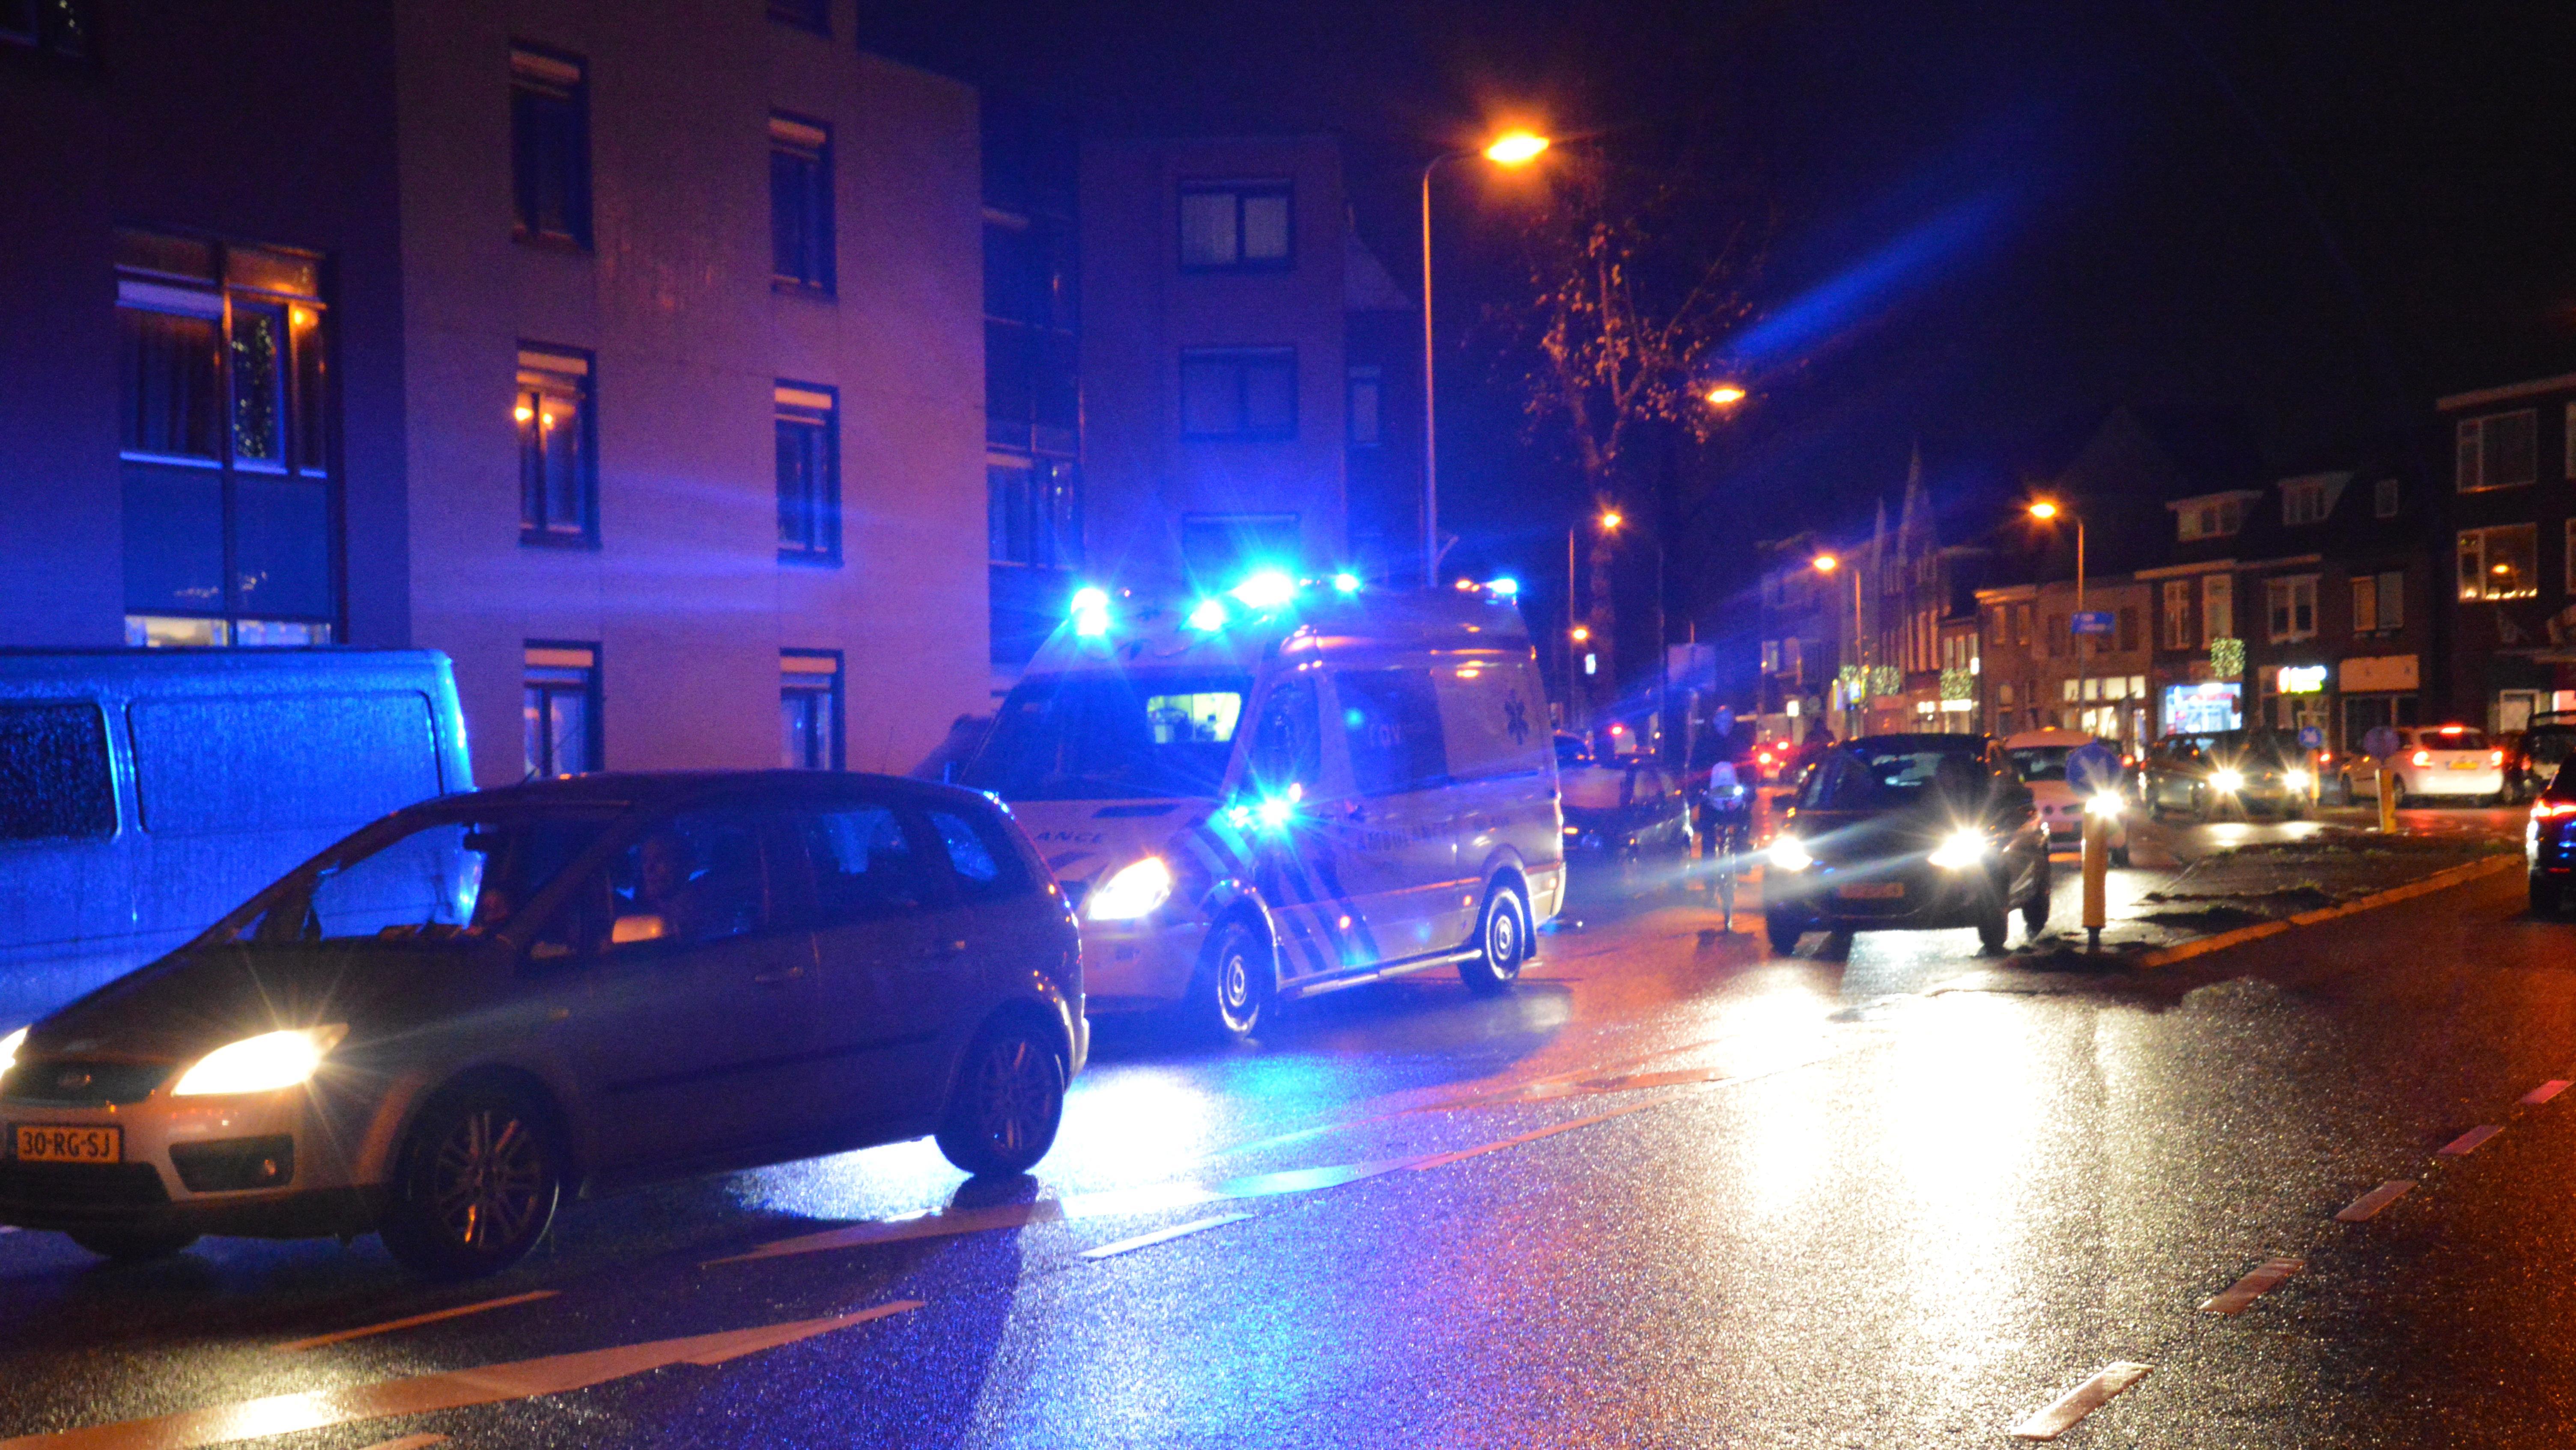 Voetganger aangereden op Vechtstraat Zwolle, bestuurder doorgereden.